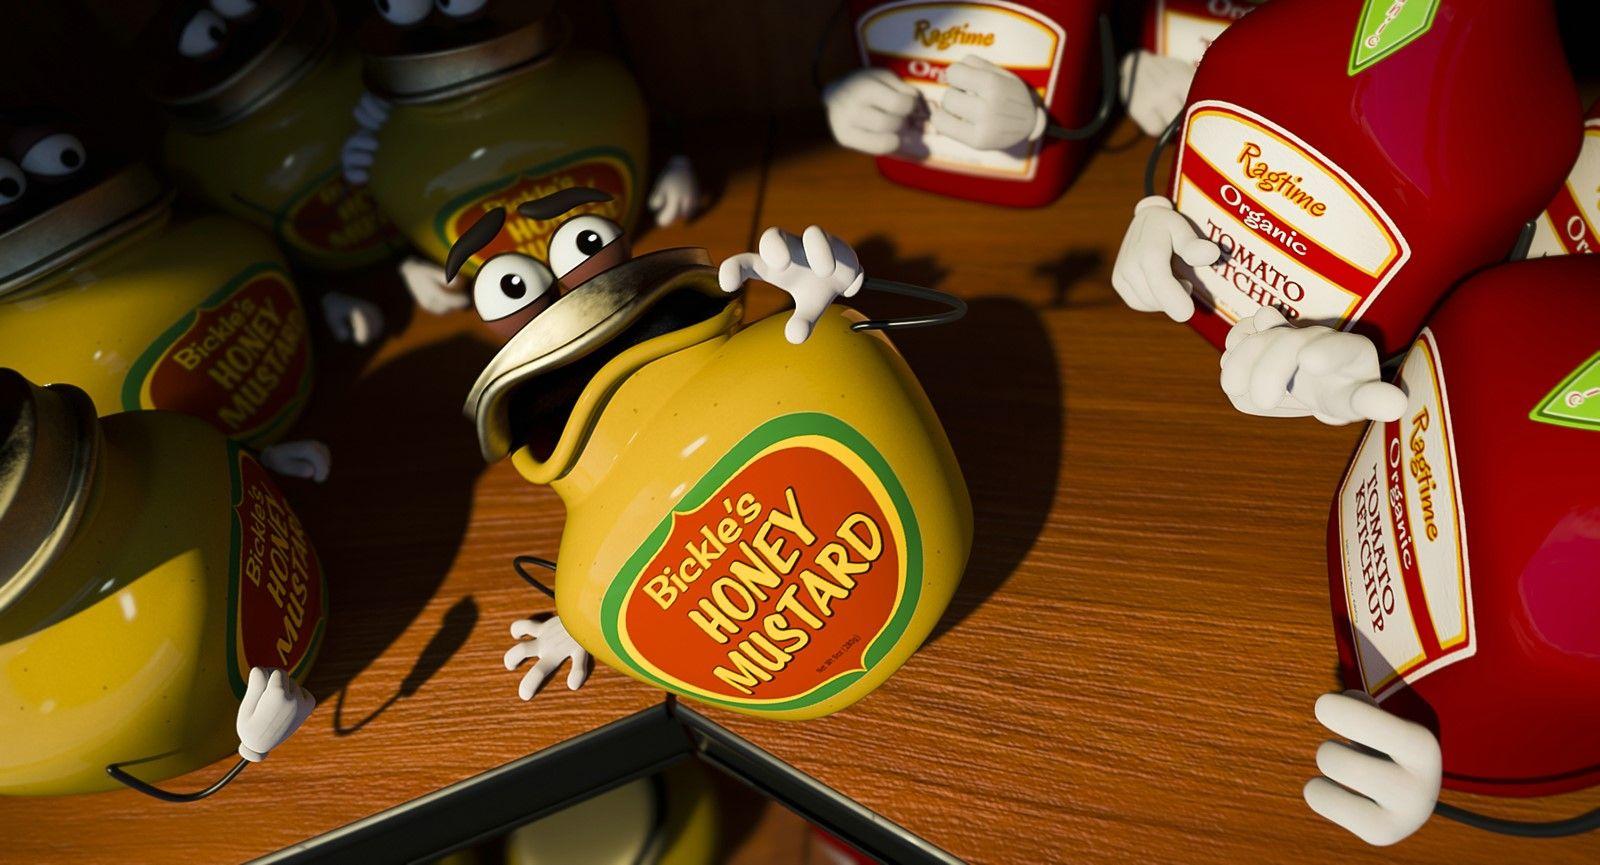 Descargar La Fiesta De Las Salchichas Sausage Party Mega 1 Link Sausage Party Honey Mustard Party Poster